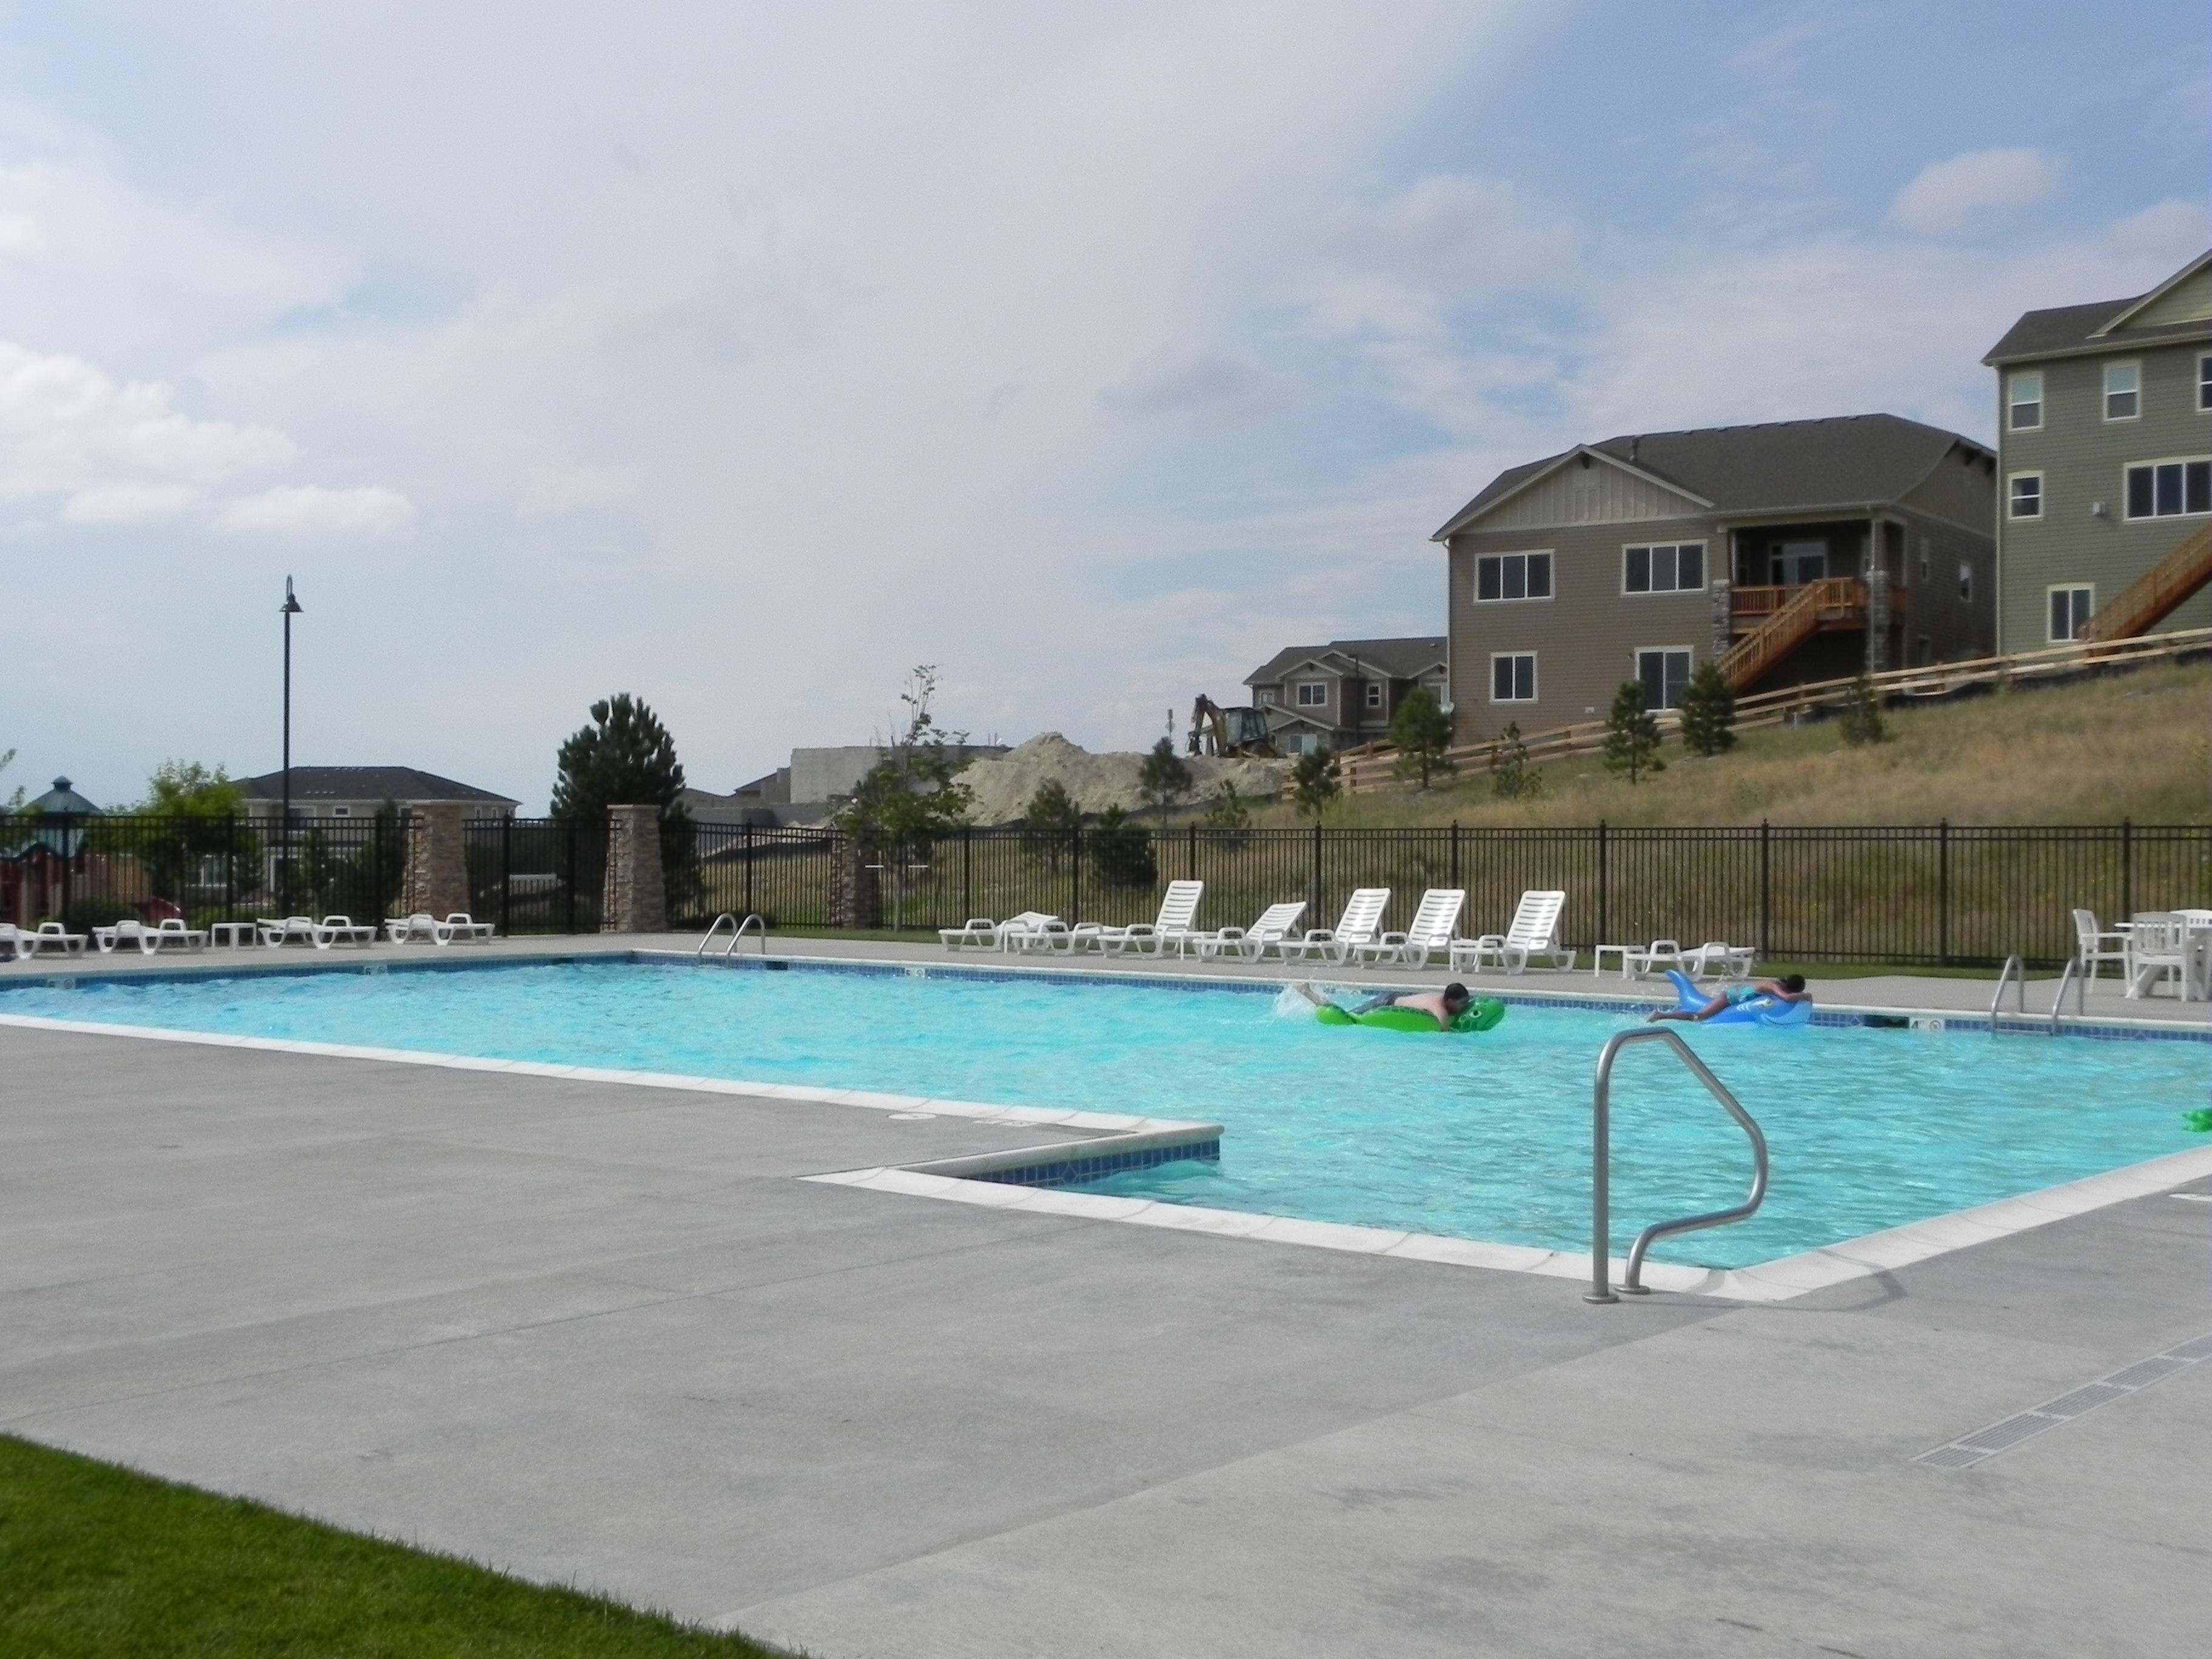 Pine Bluffs pool